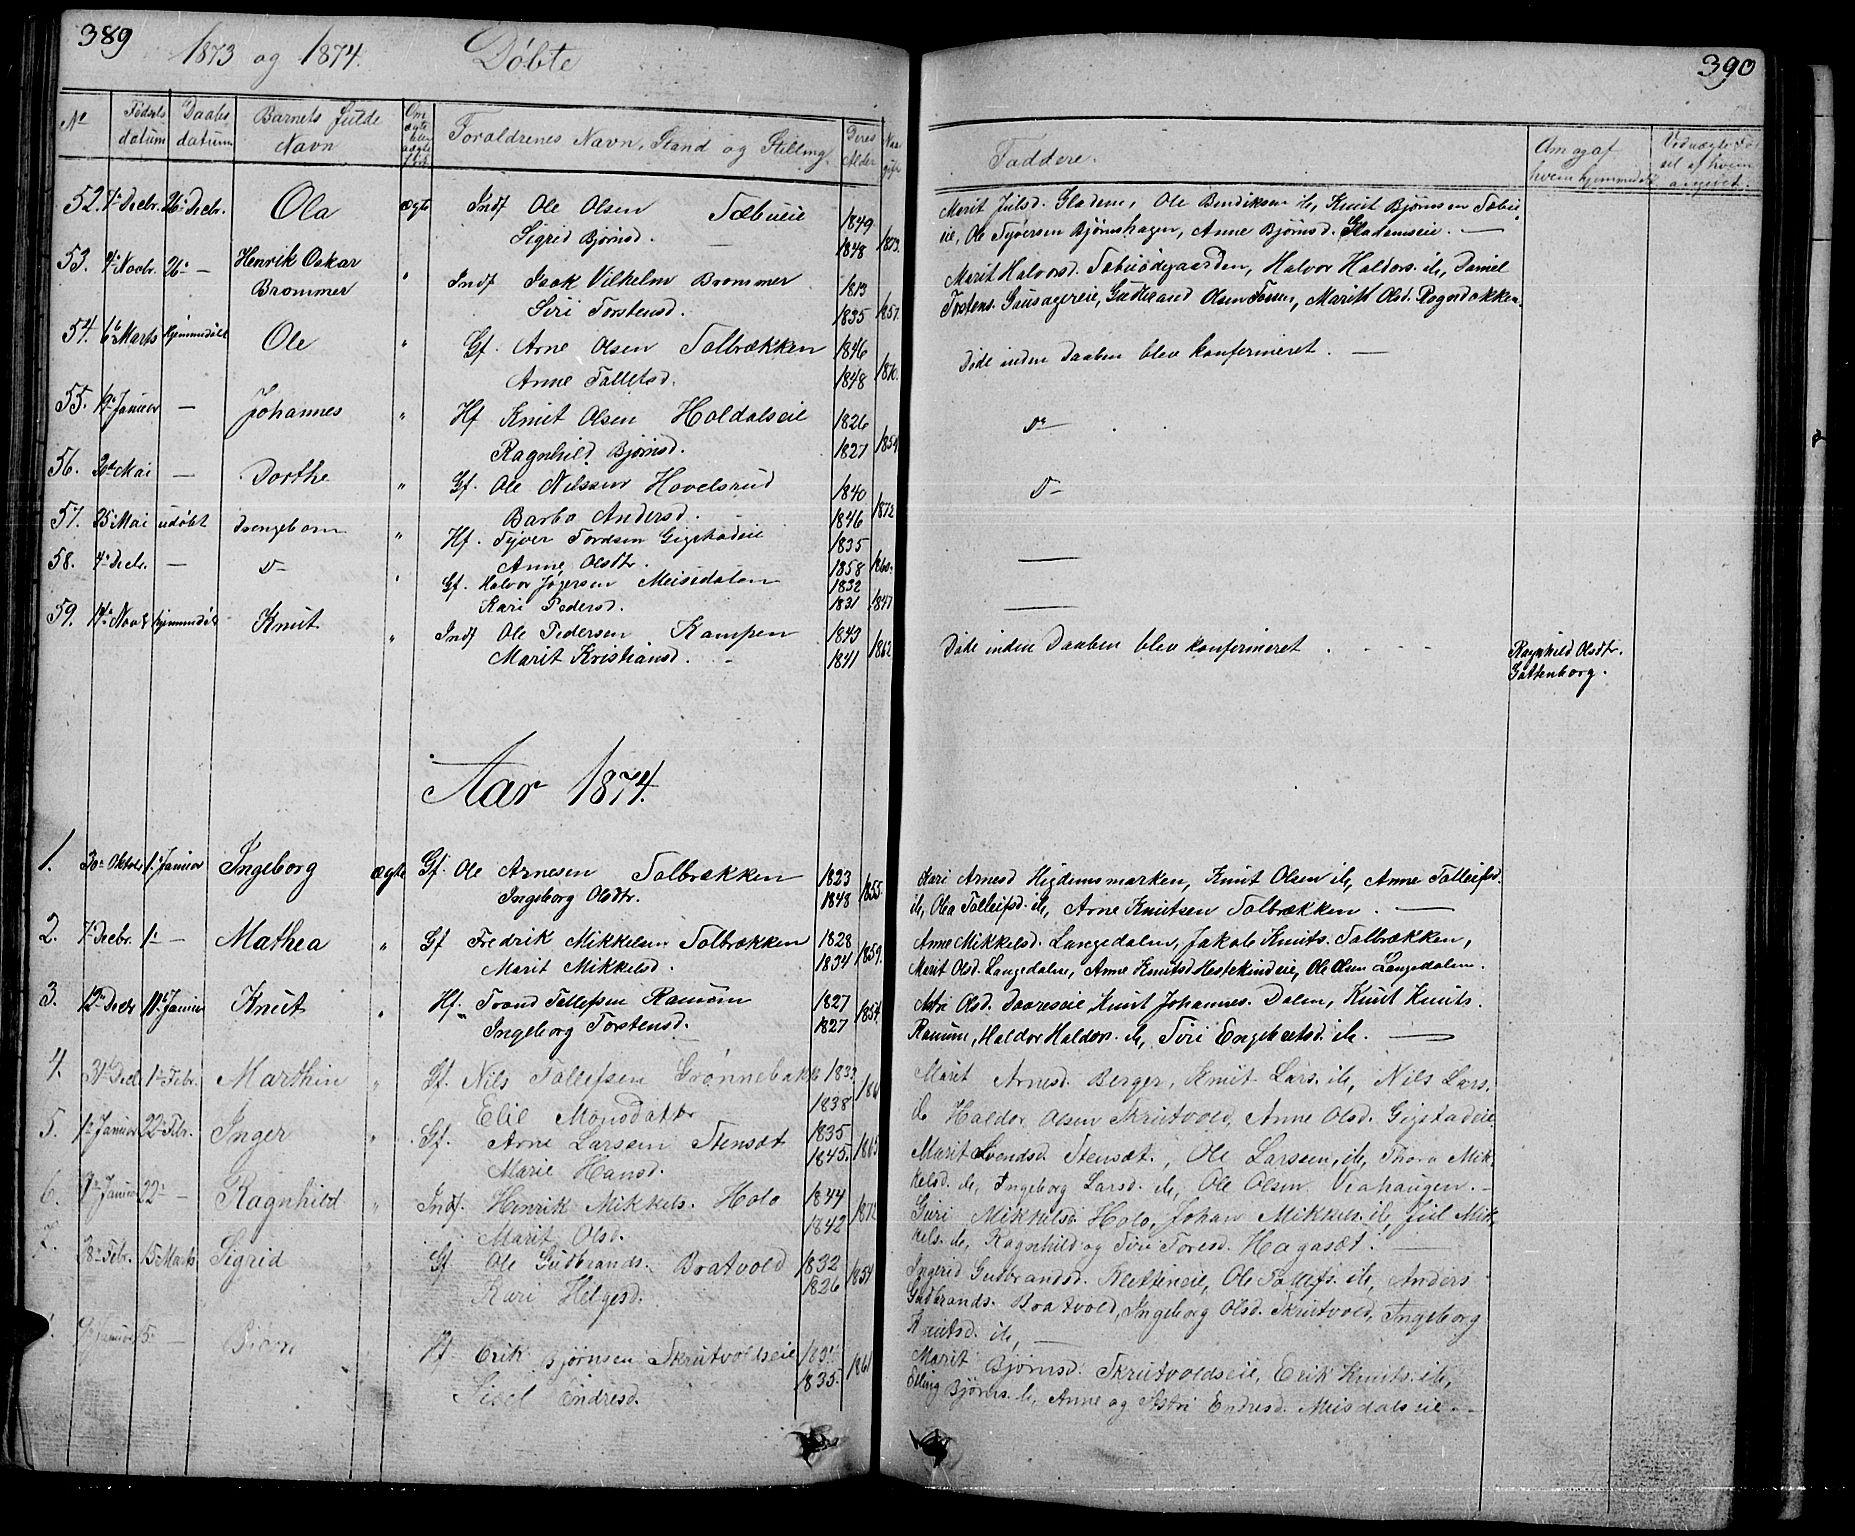 SAH, Nord-Aurdal prestekontor, Klokkerbok nr. 1, 1834-1887, s. 389-390